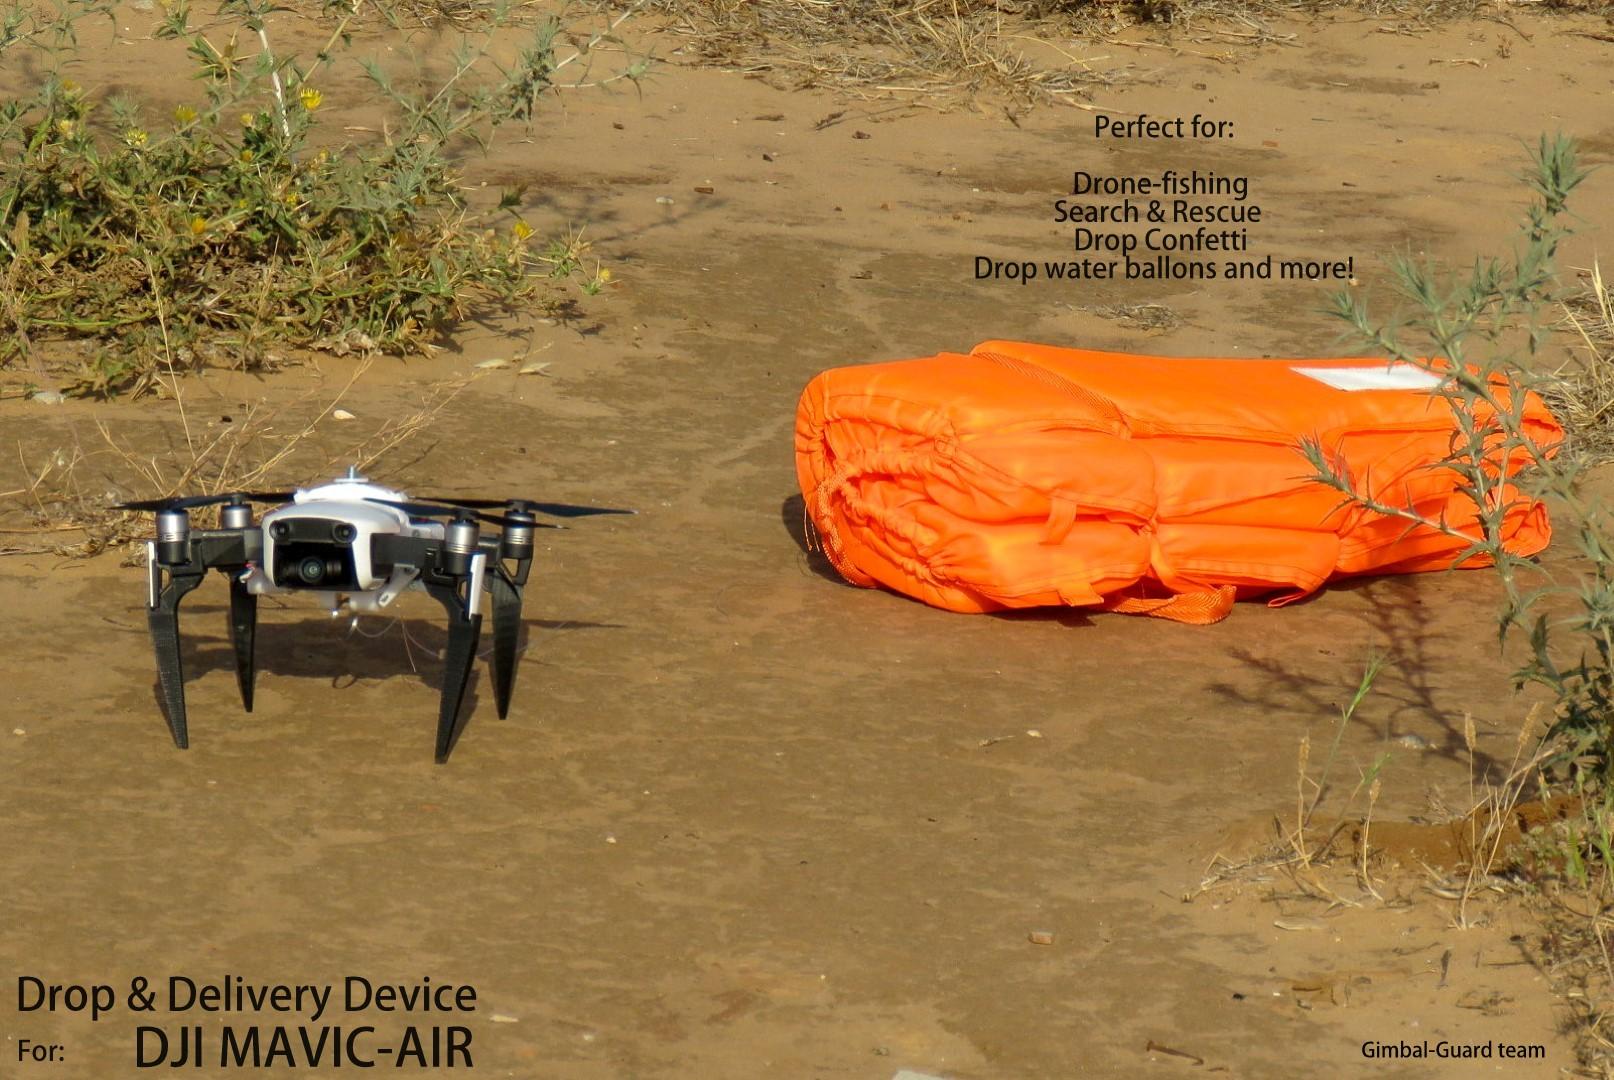 prix immatriculation drone